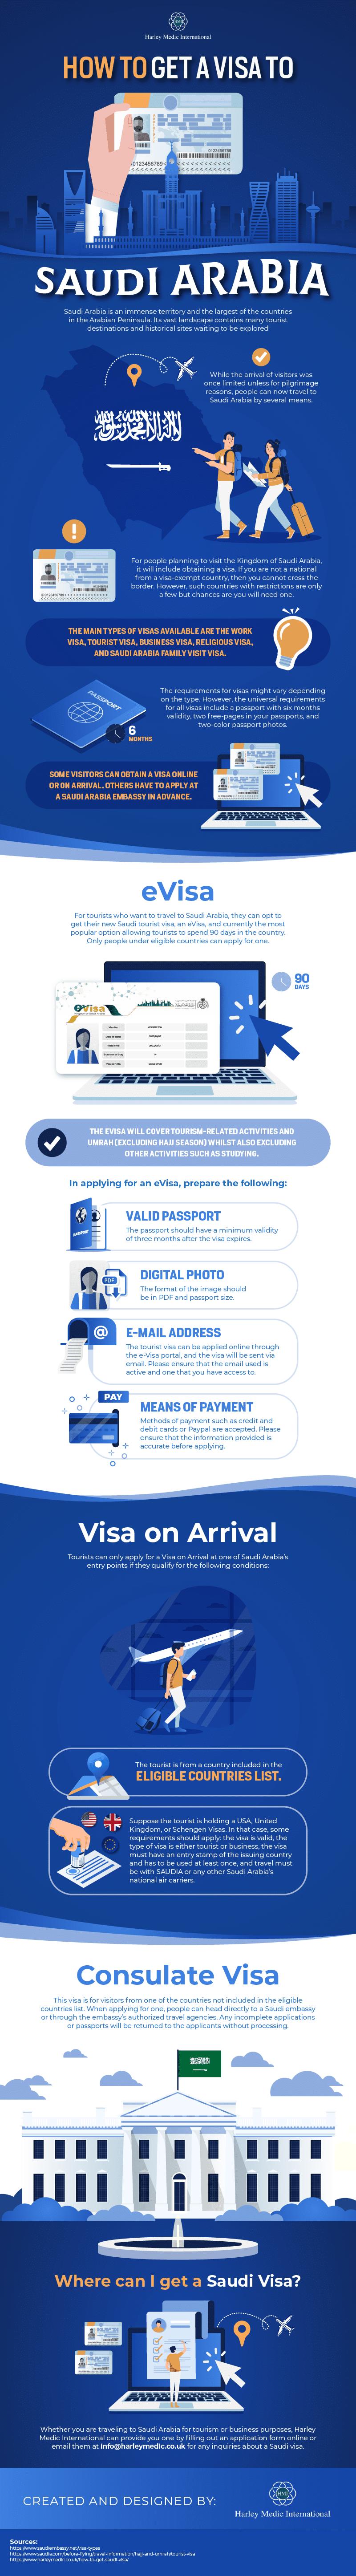 How-to-get-a-visa-to-Saudi-Arabia-01